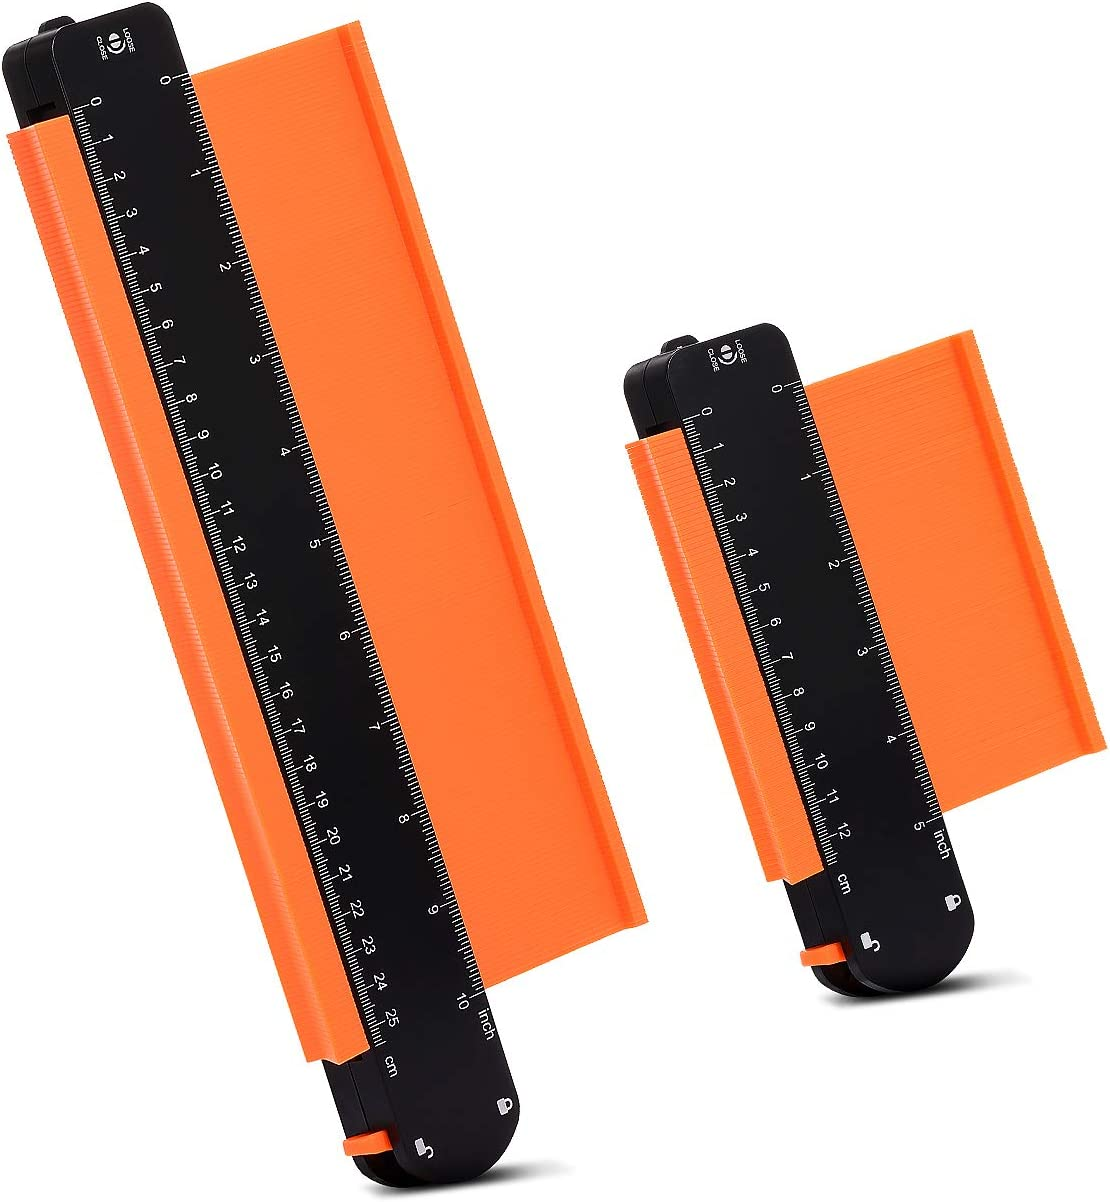 ajustable Dispositivo de medici/ón de contorno preciso Herramienta duplicadora para perfiles irregulares Medidor de Contornos con Bloqueo Calibrador de contorno con dispositivo de bloqueo